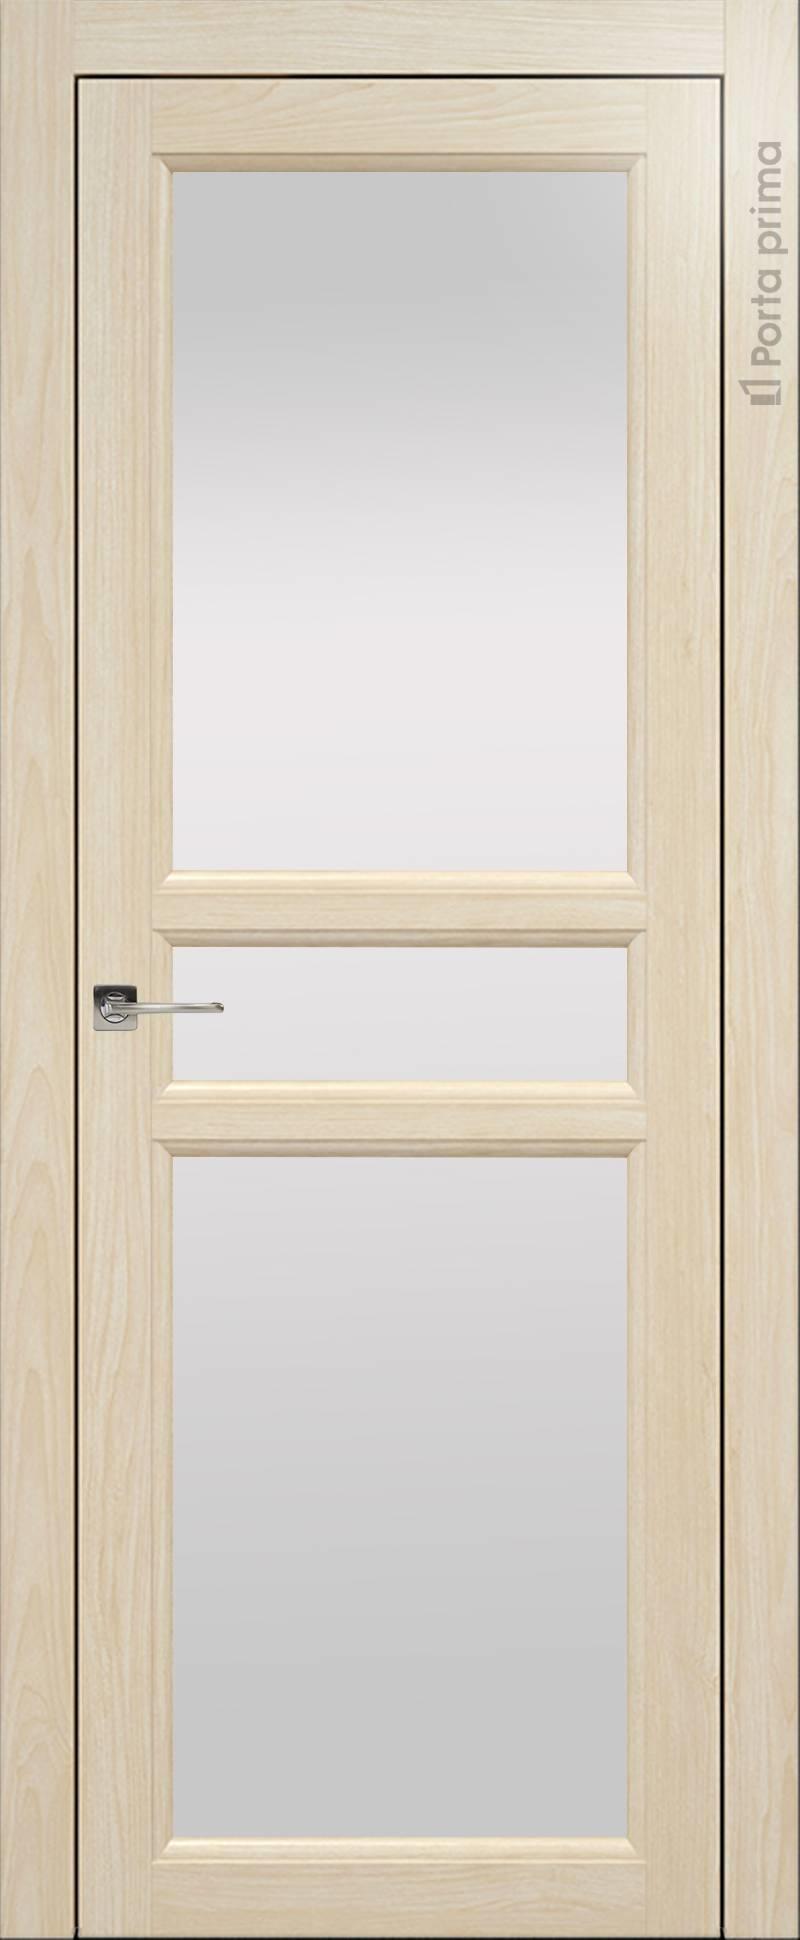 Sorrento-R Е2 цвет - Клен Со стеклом (ДО)